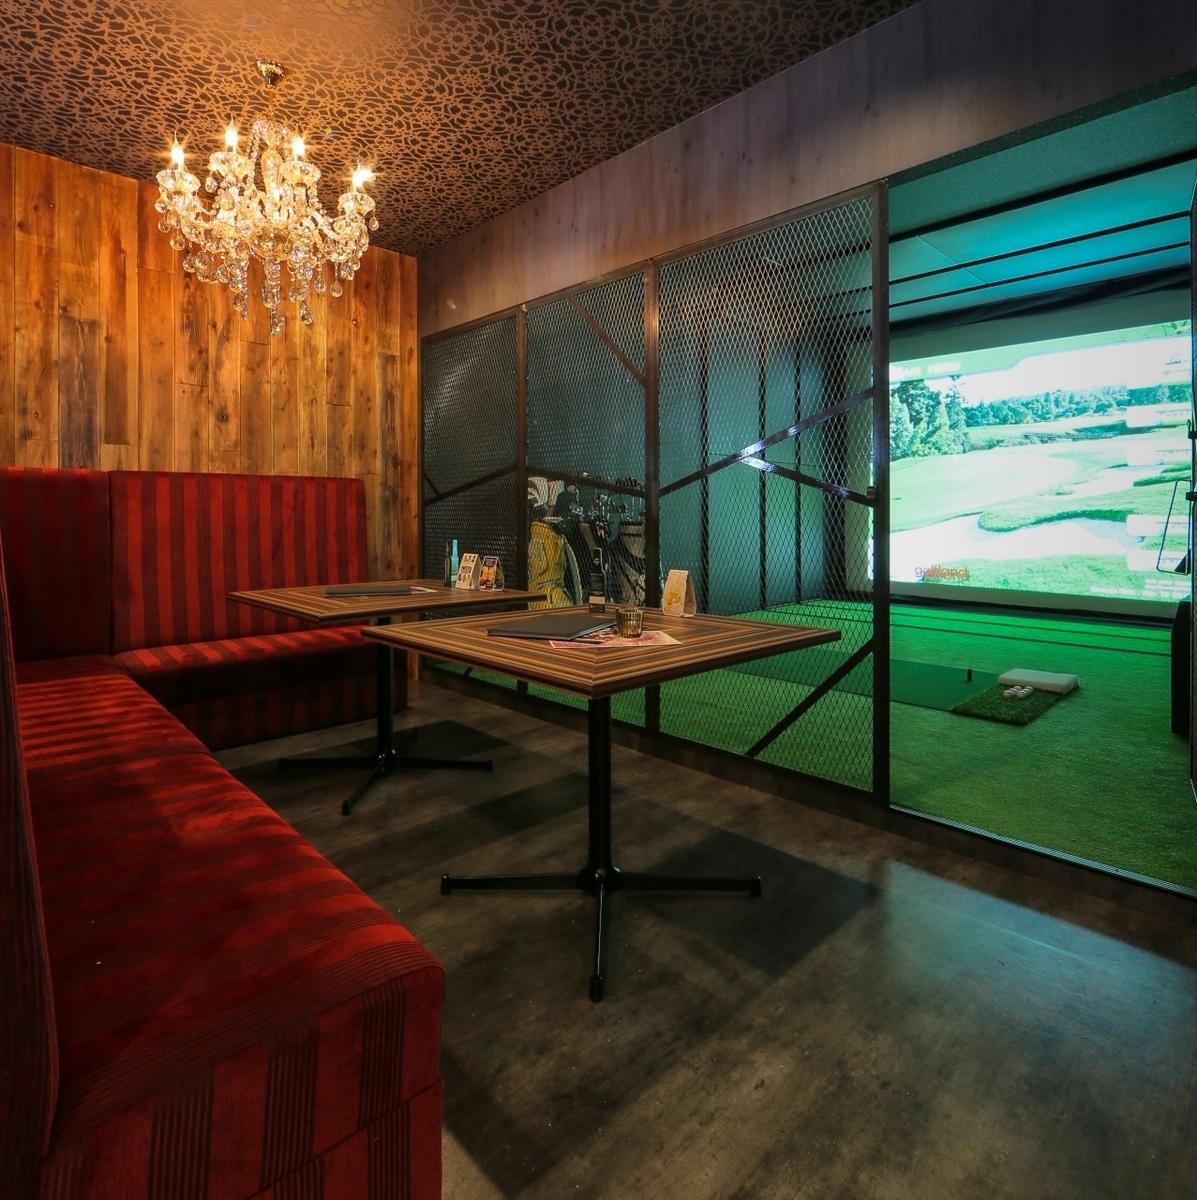 シュミレーションゴルフ前にもソファーあり♪ゴルフチャージは1時間1000円になります。